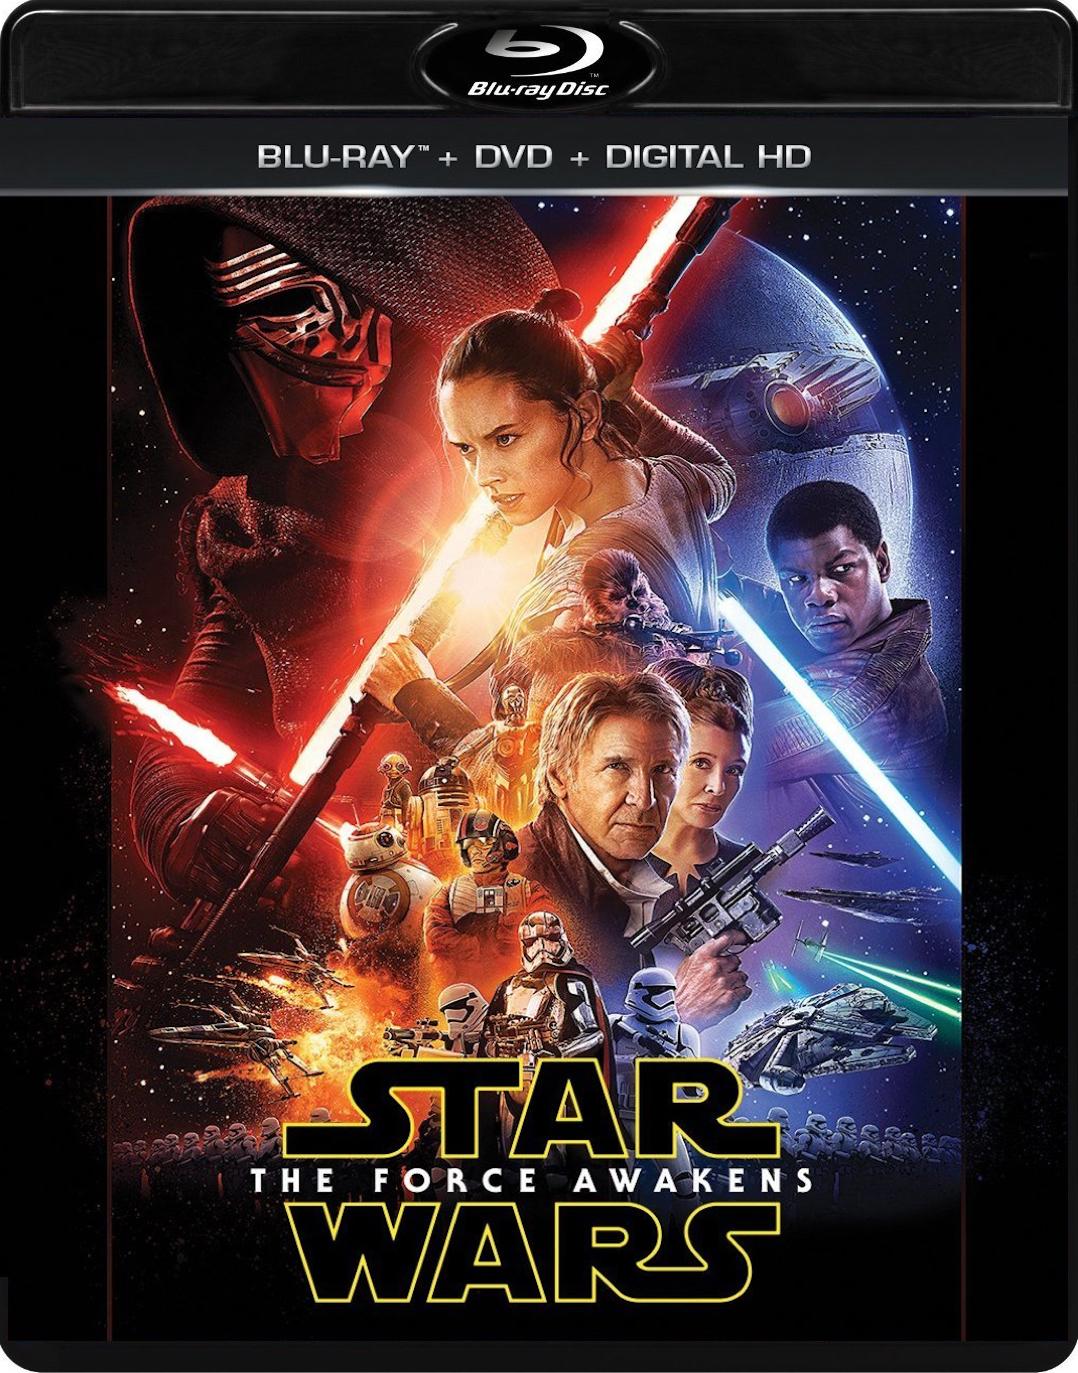 Star wars the force awakens sockshare